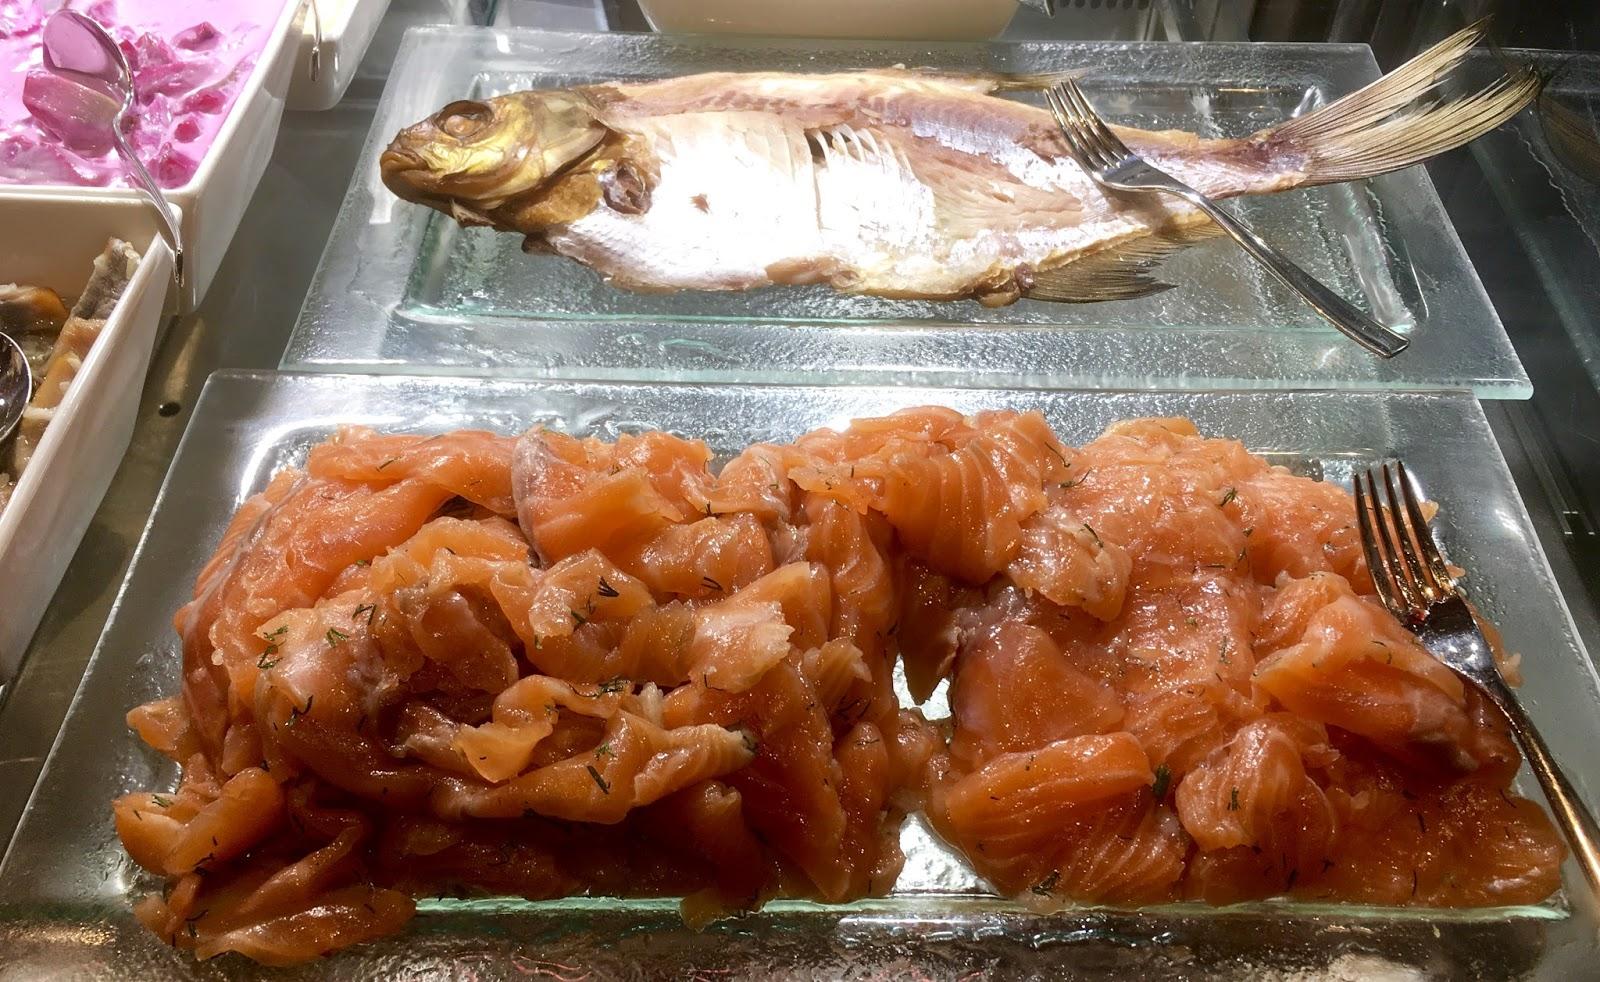 Paljon enemmän kalaa dating Irlanti